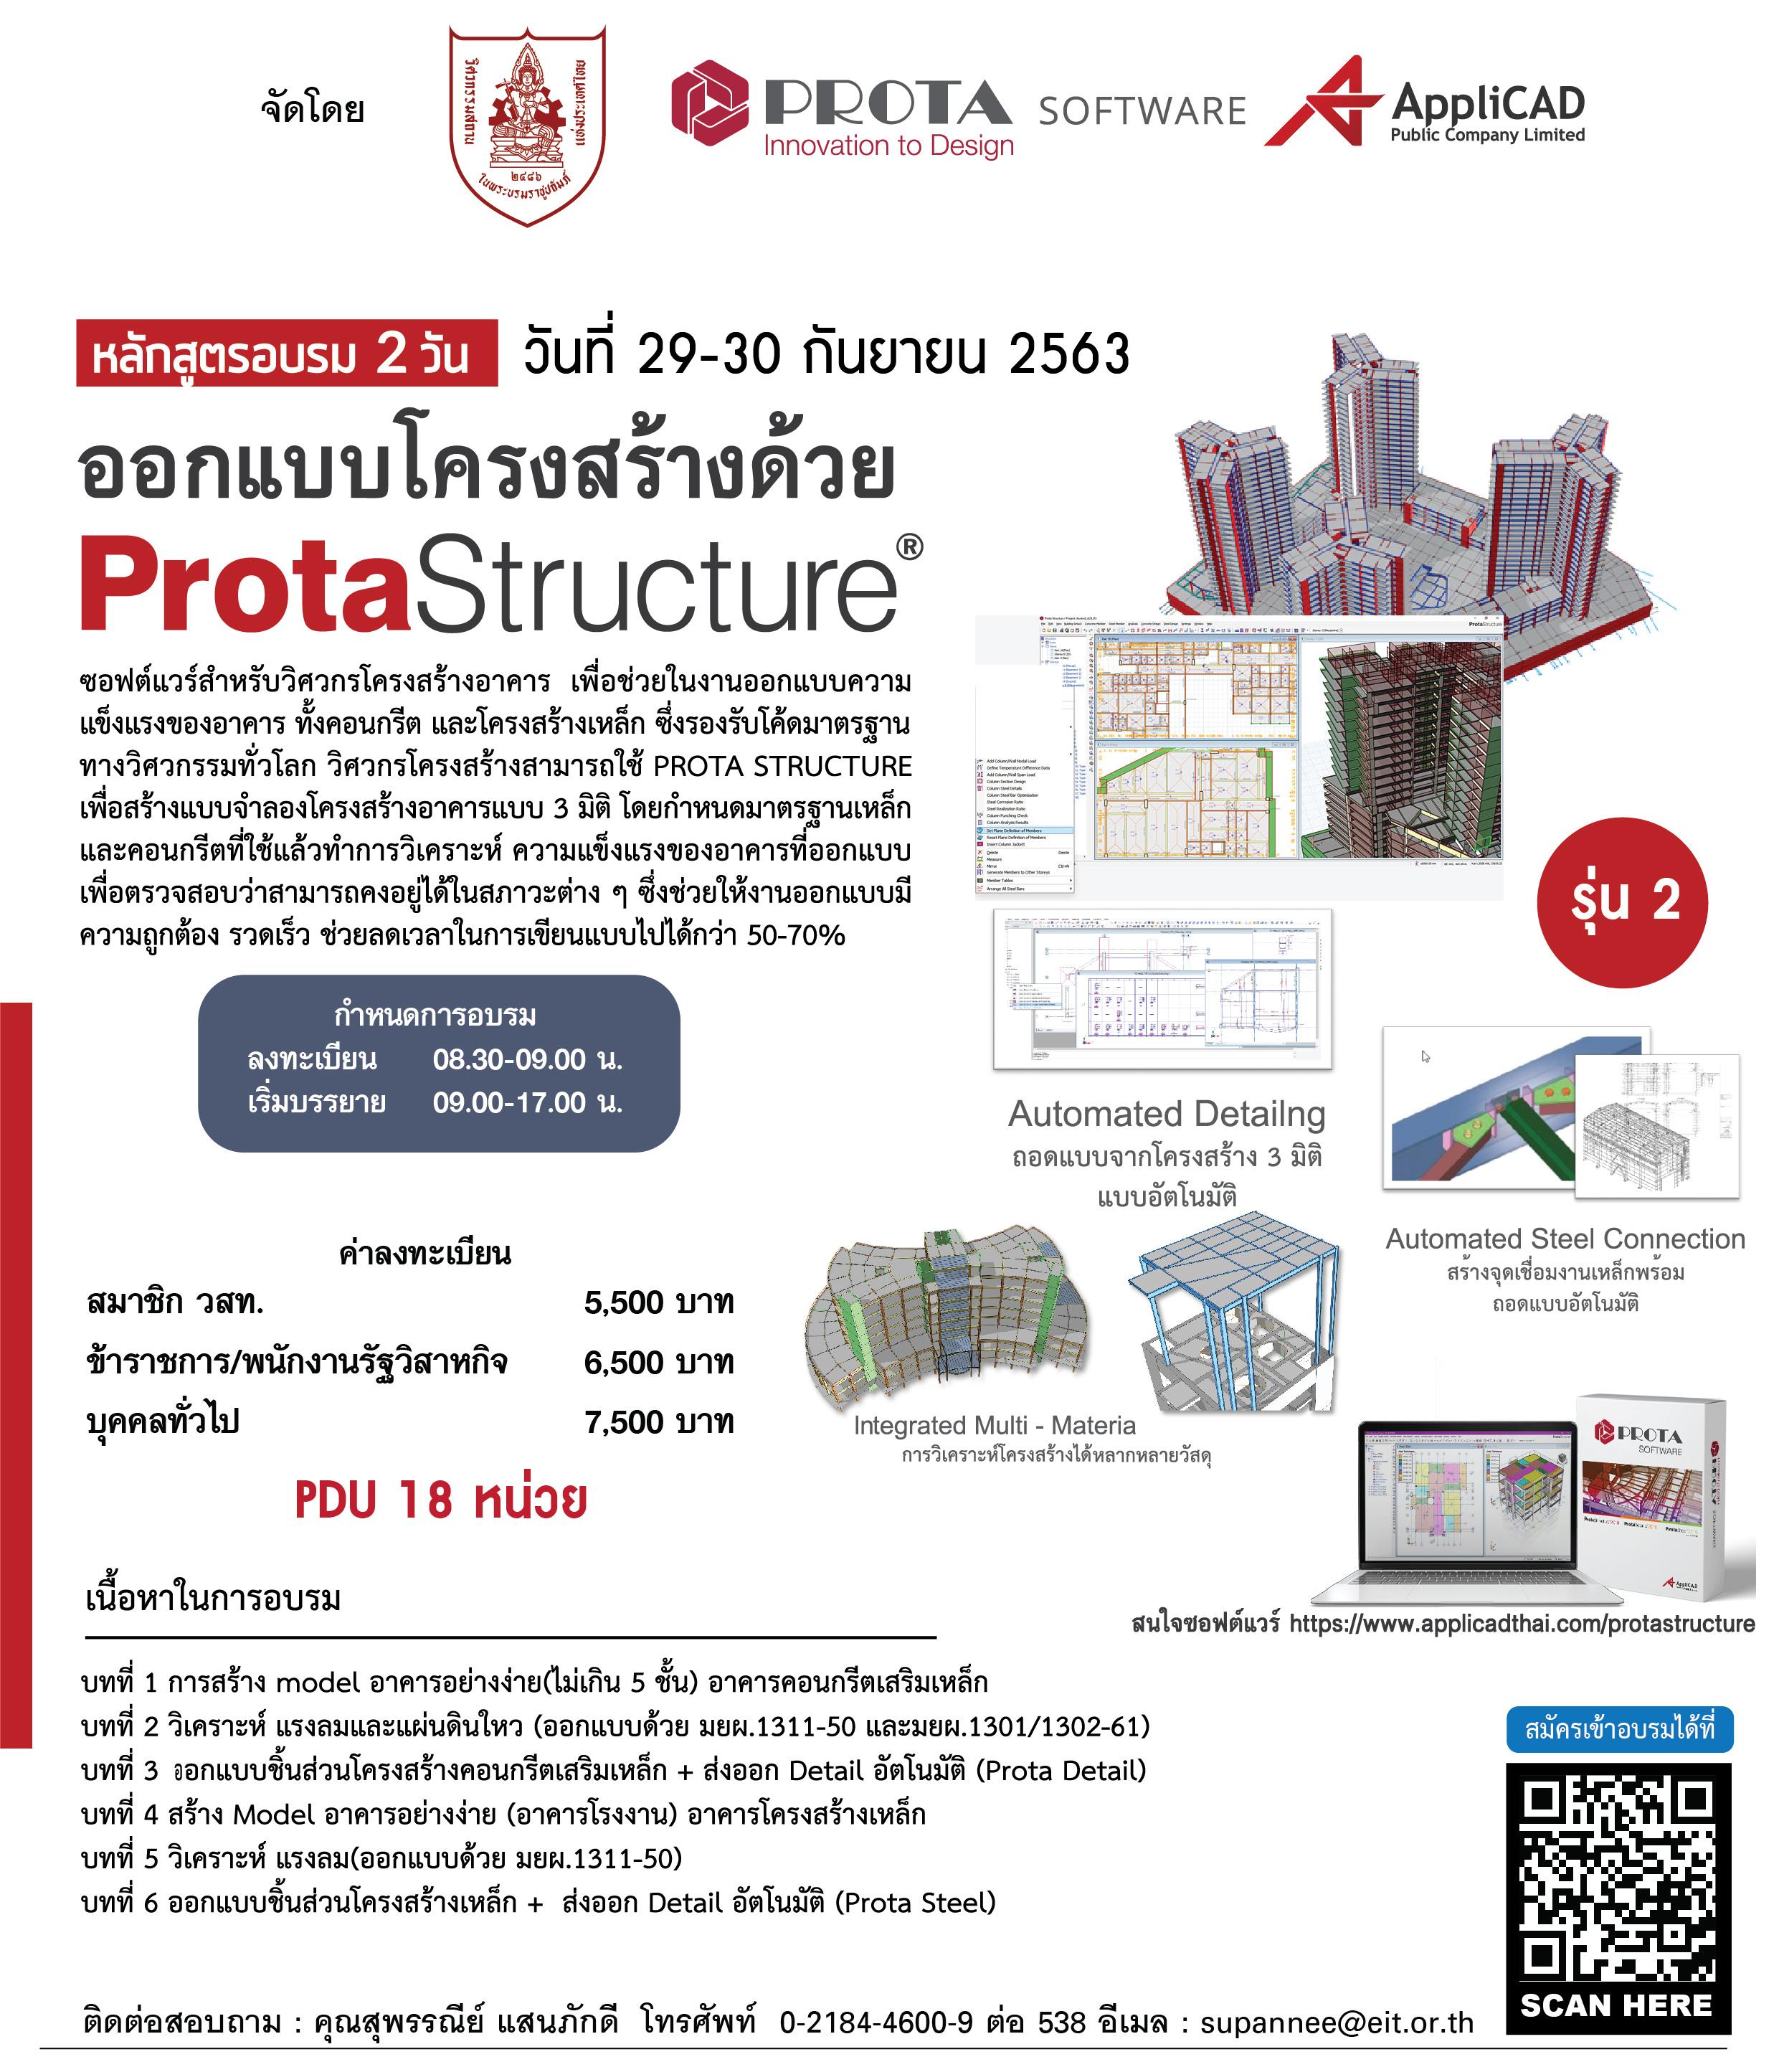 29-30/09/2563 หลักสูตรการอบรมเรื่อง ออกแบบโครงสร้างด้วย  PROTA STRUCTURE  รุ่นที่ 2